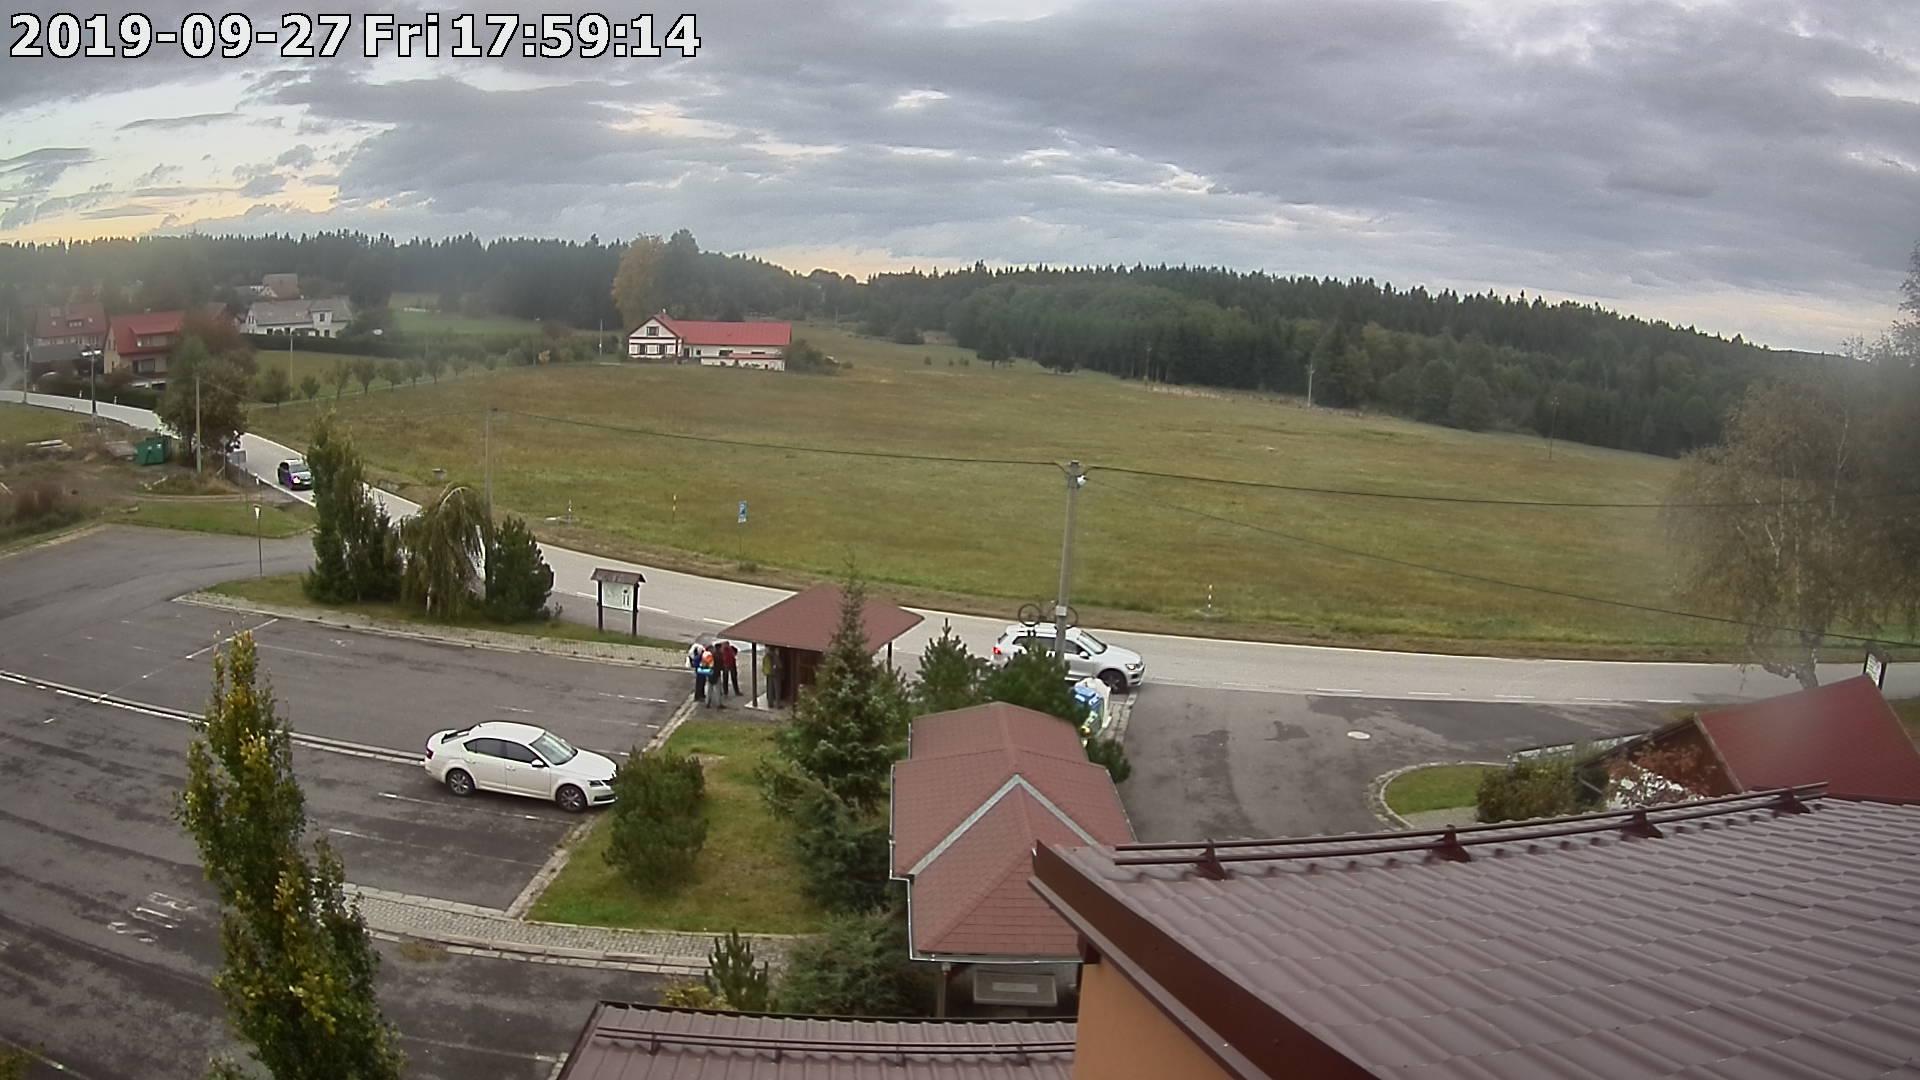 Webkamera ze dne 2019-09-27